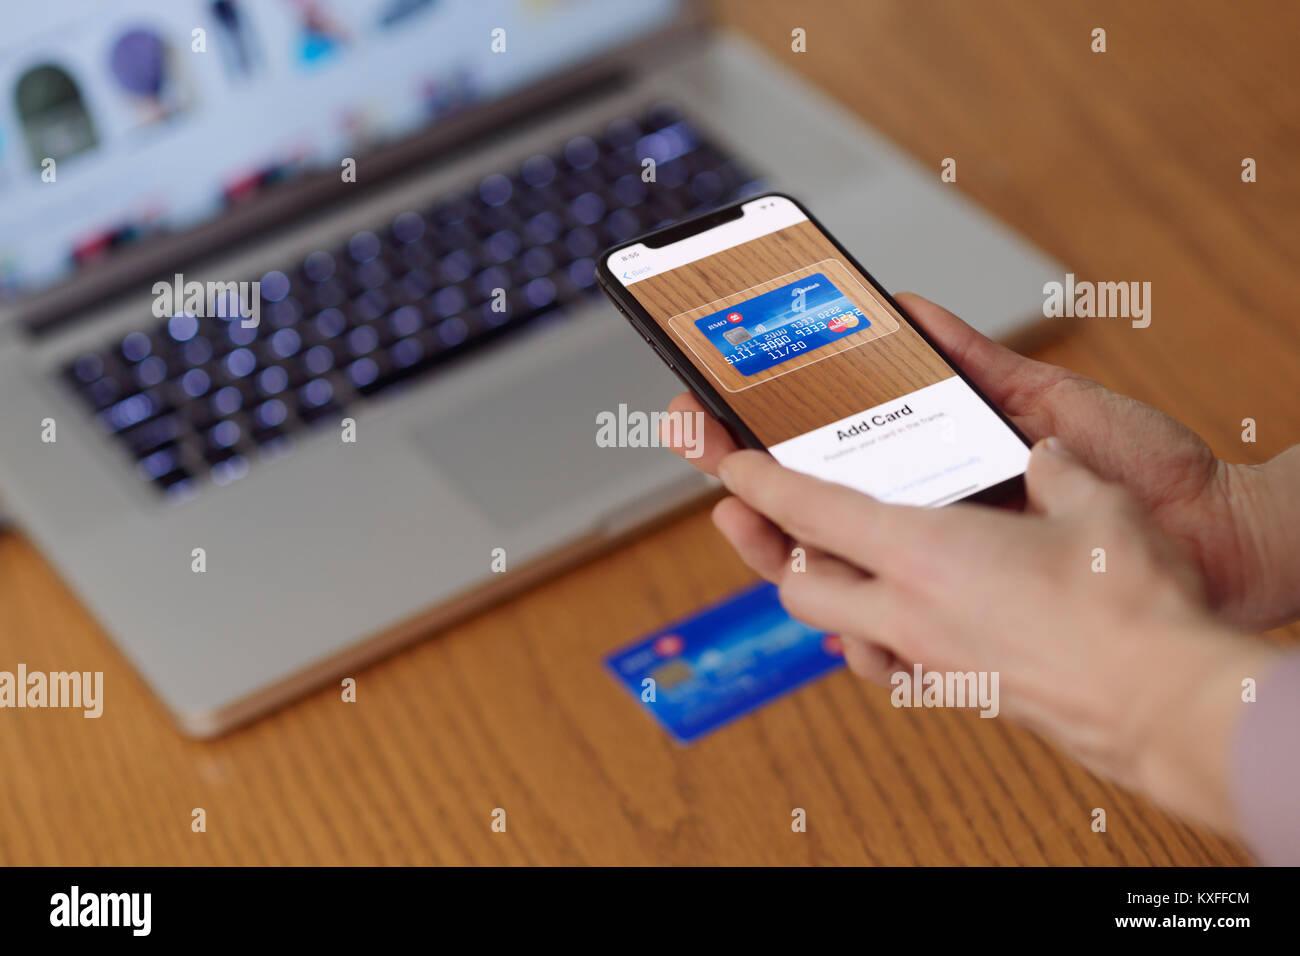 Frau mit iPhone X in ihrer Hand scannen eine Kreditkarte mit Apple, Apple Wallet elektronische Zahlung app Stockfoto